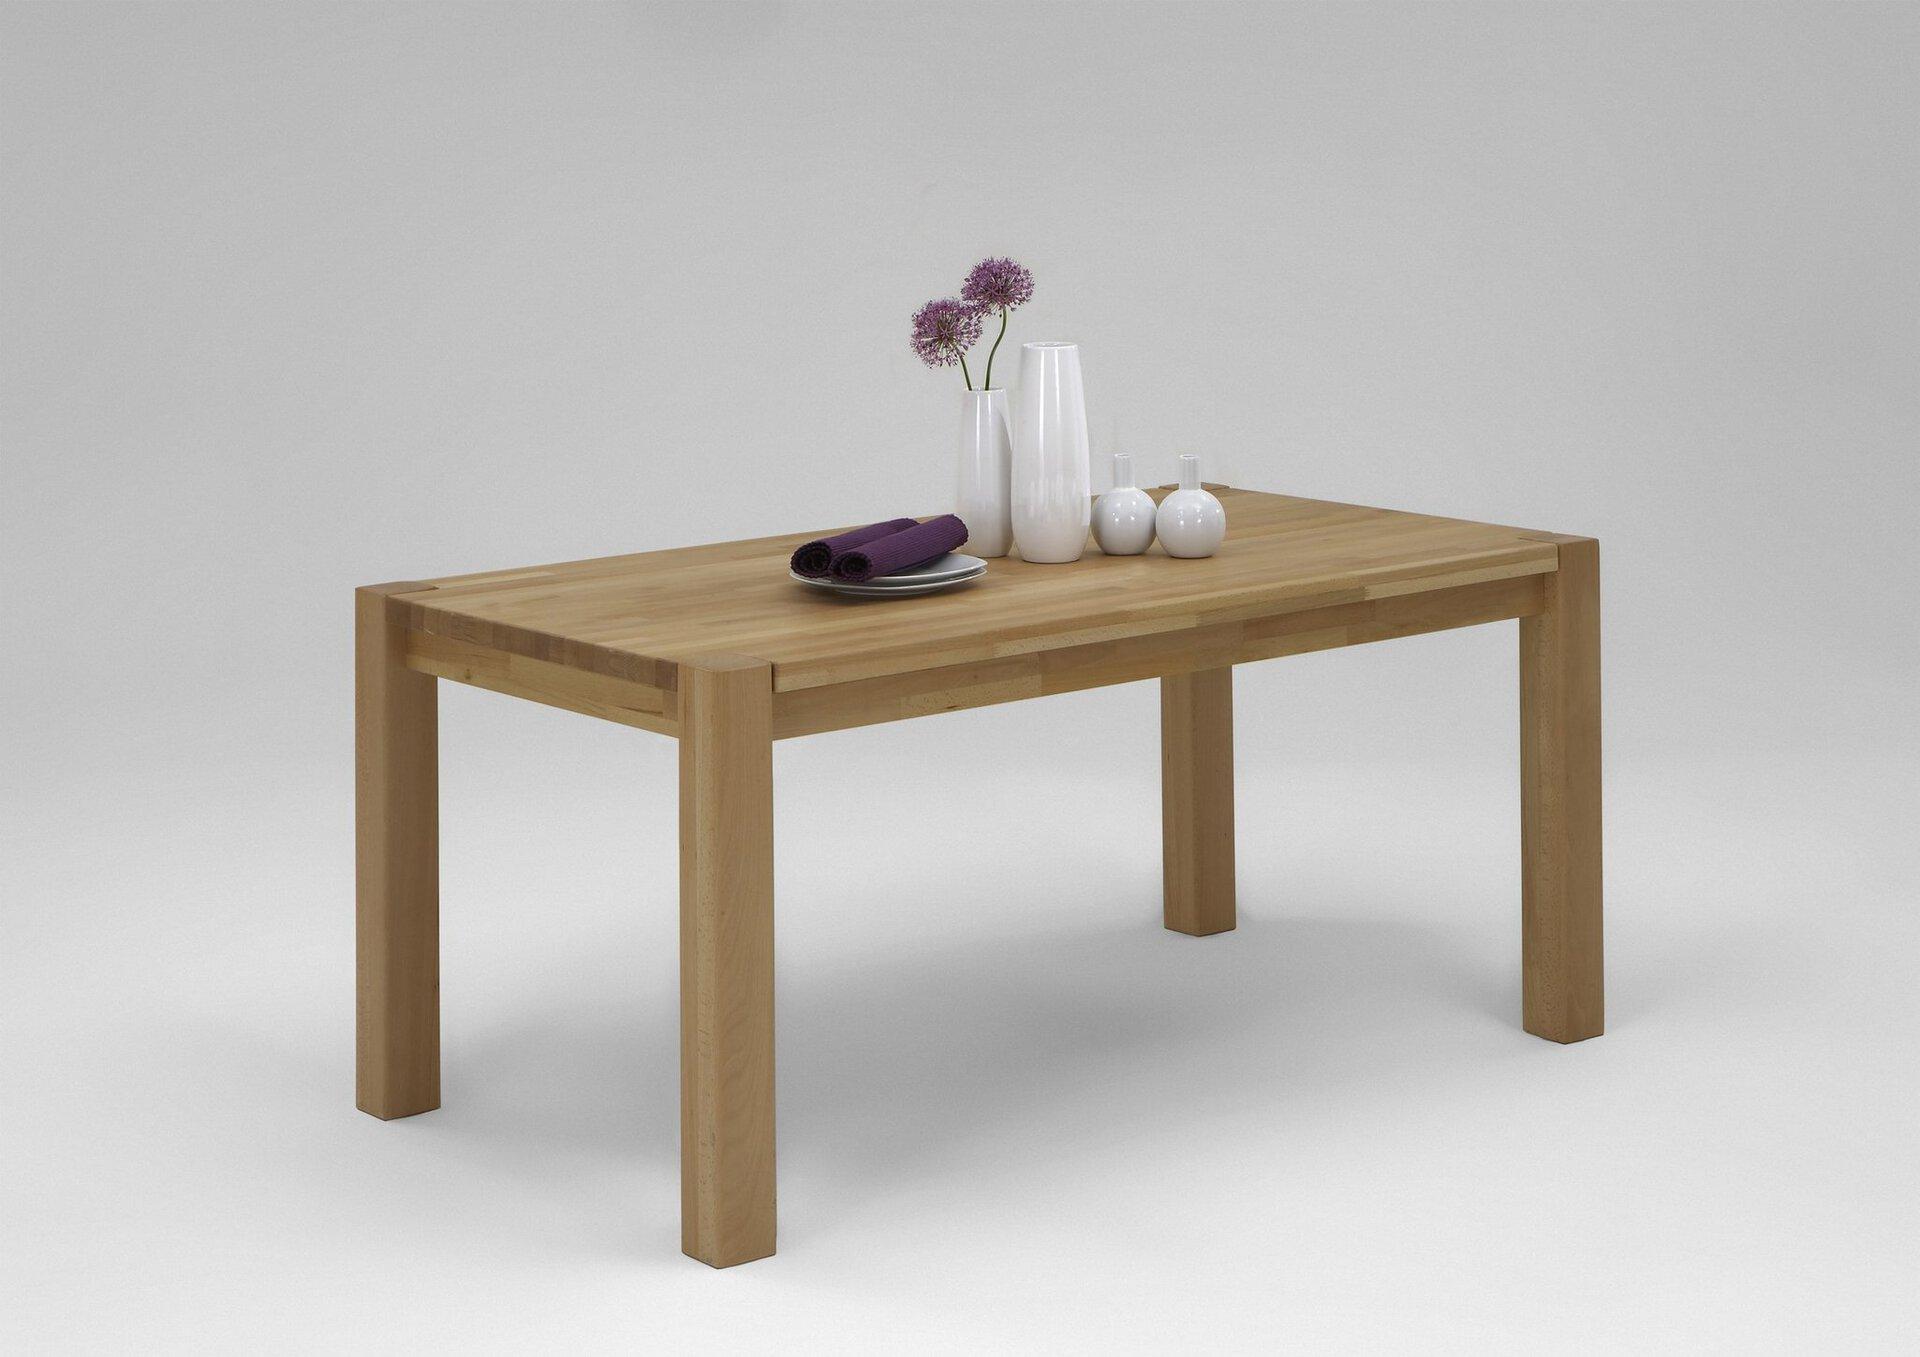 Esstisch 6230 Dinett Holz braun 1 x 1 x 2 cm